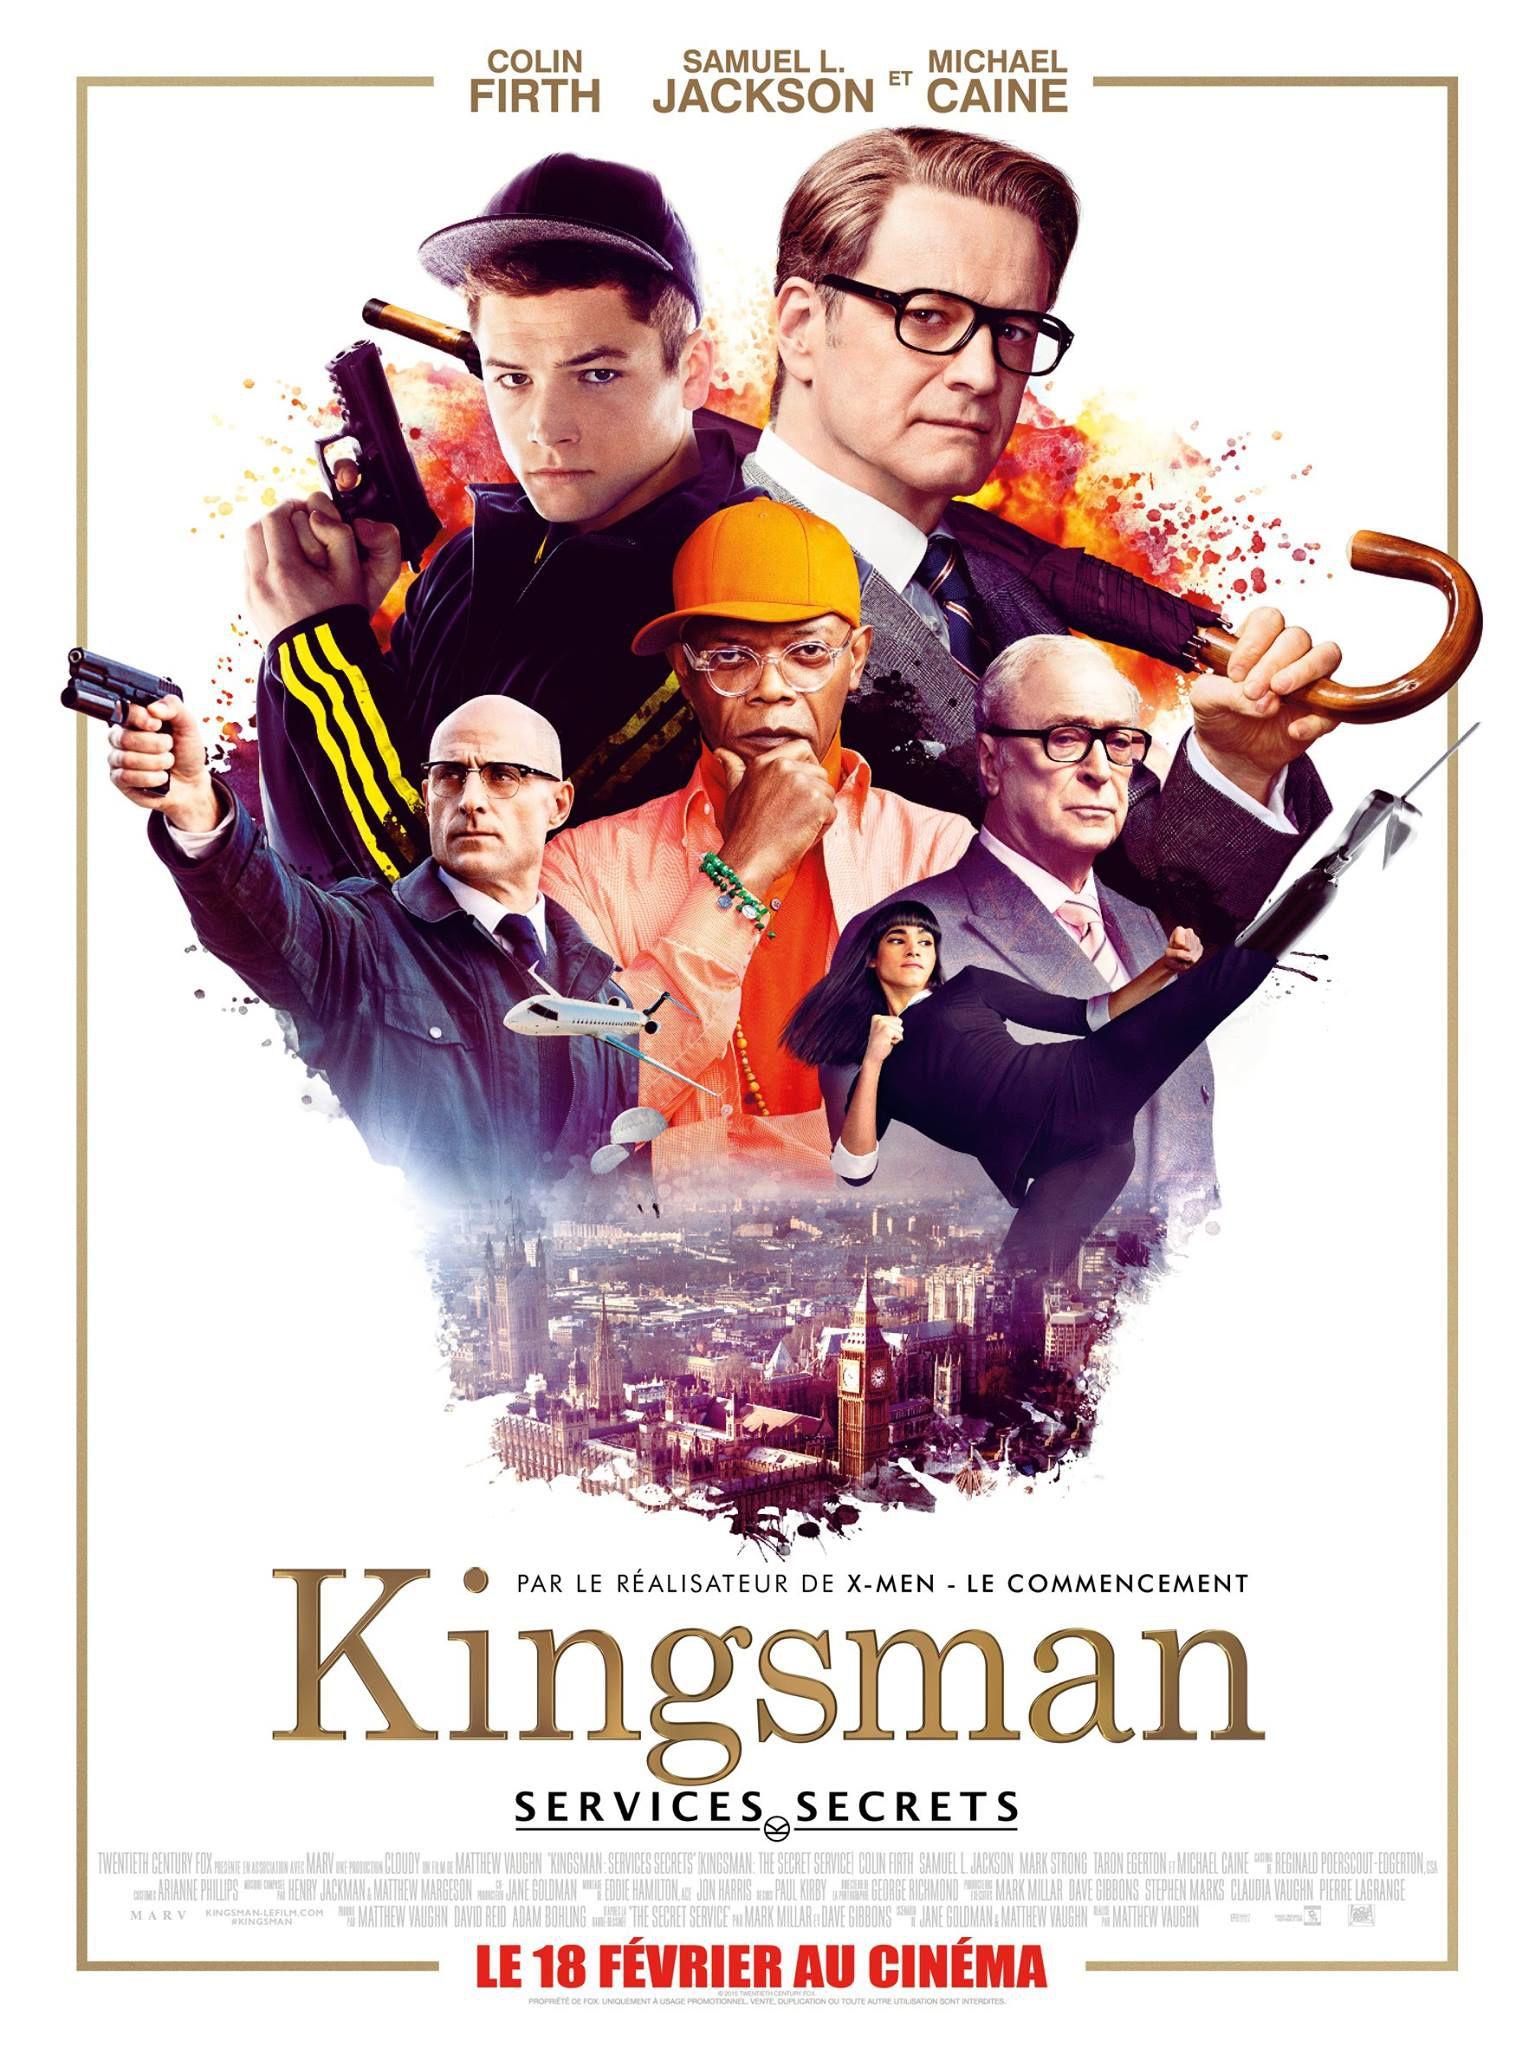 Kingsman : Services secrets - Film (2015)